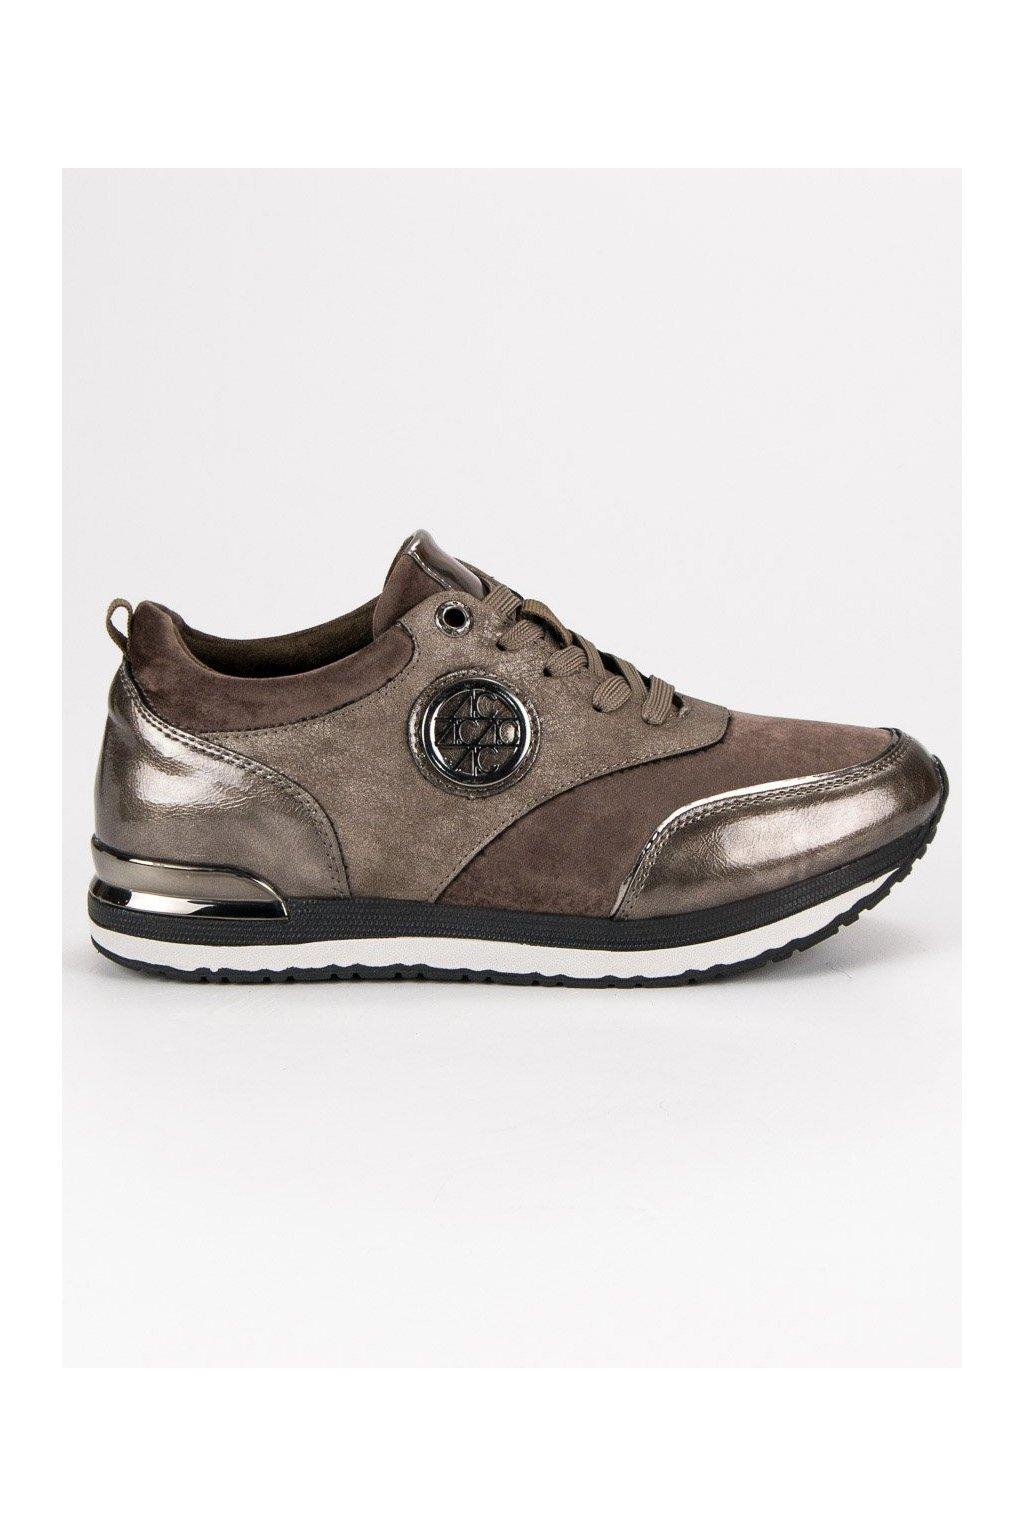 Béžové tenisky dámska športová obuv zo semišu Aclys b88ec5ee377